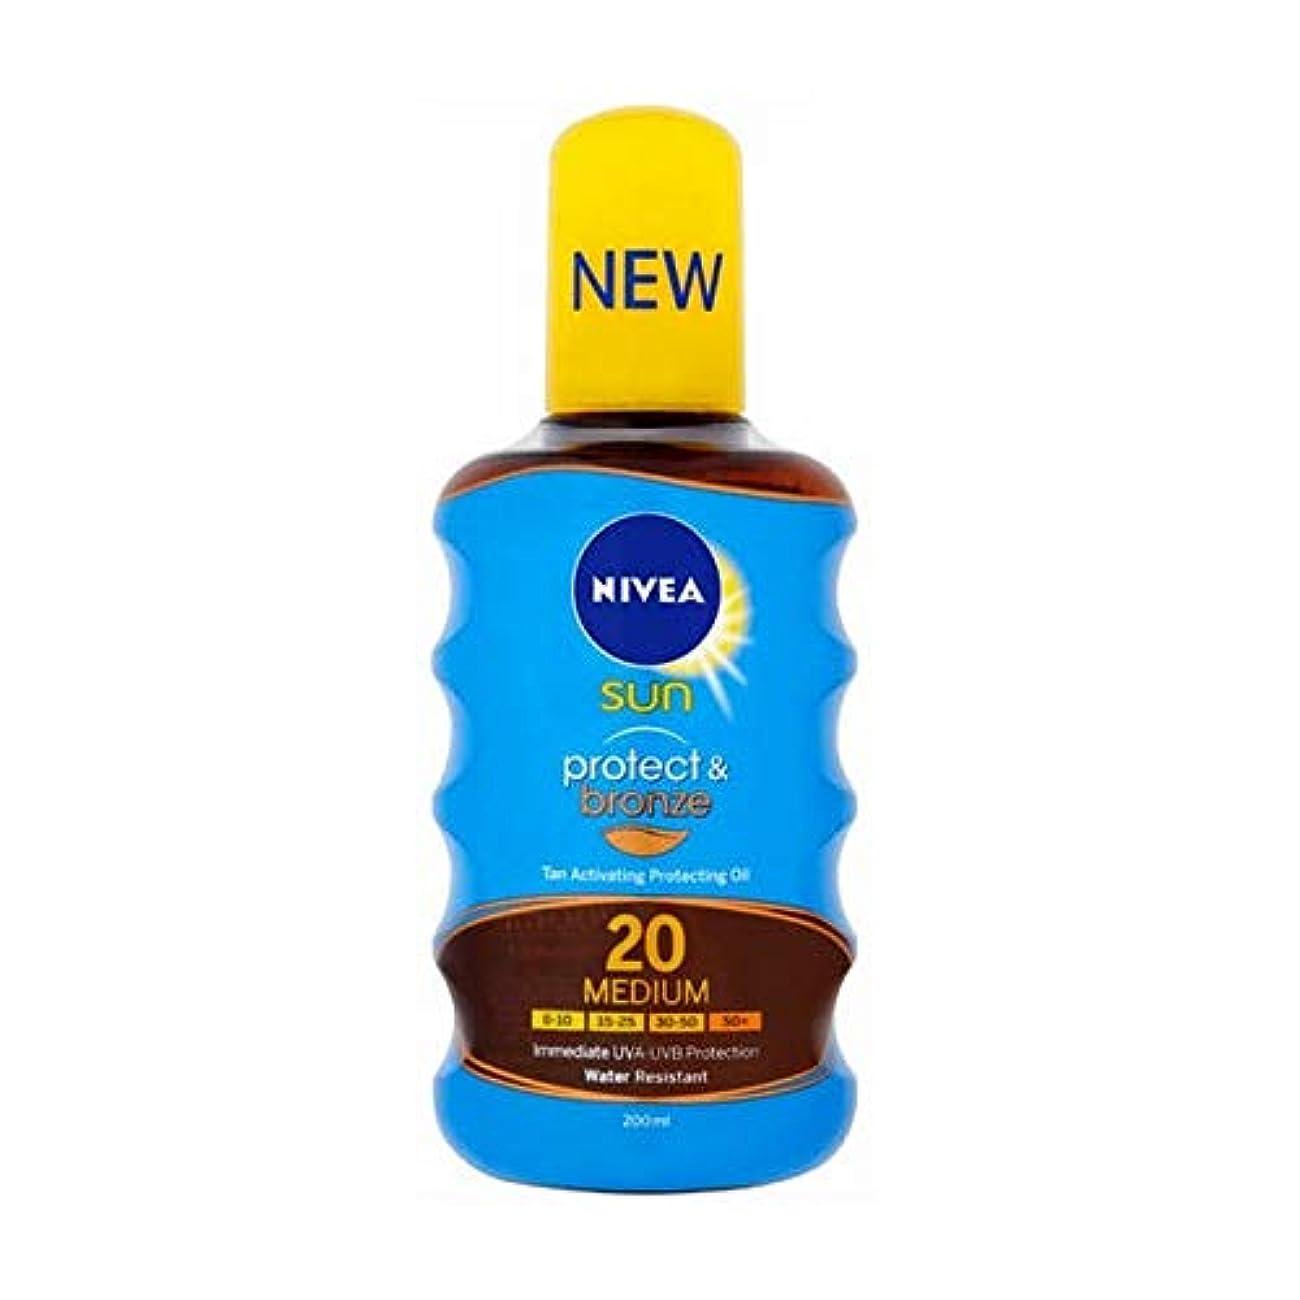 残りカフェ弁護士[Nivea ] ニベア日焼けオイルSpf20プロテクト&ブロンズ200ミリリットル活性化 - NIVEA SUN Tan Activating Oil SPF20 Protect&Bronze 200ml [並行輸入品]